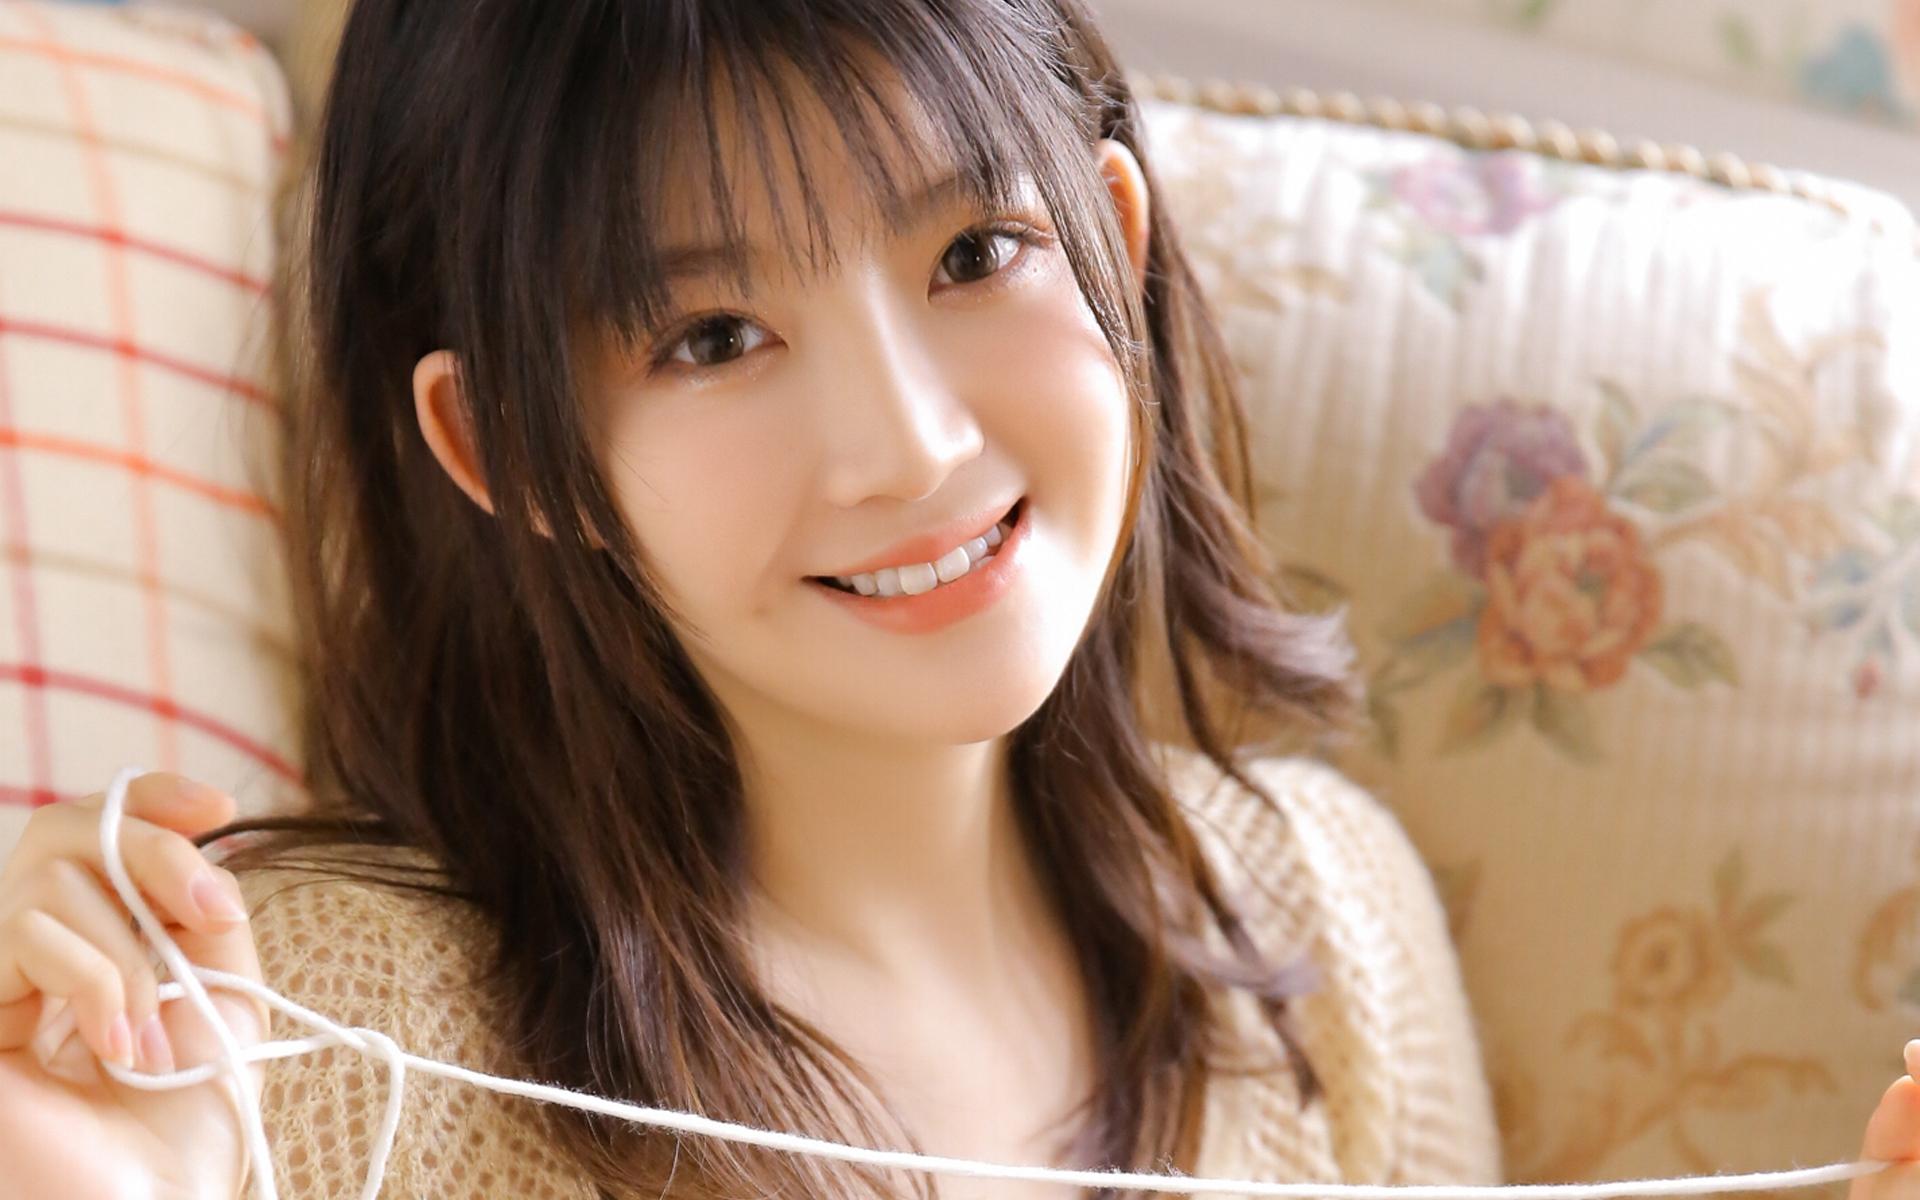 清纯妹妹甜美笑容养眼高清壁纸